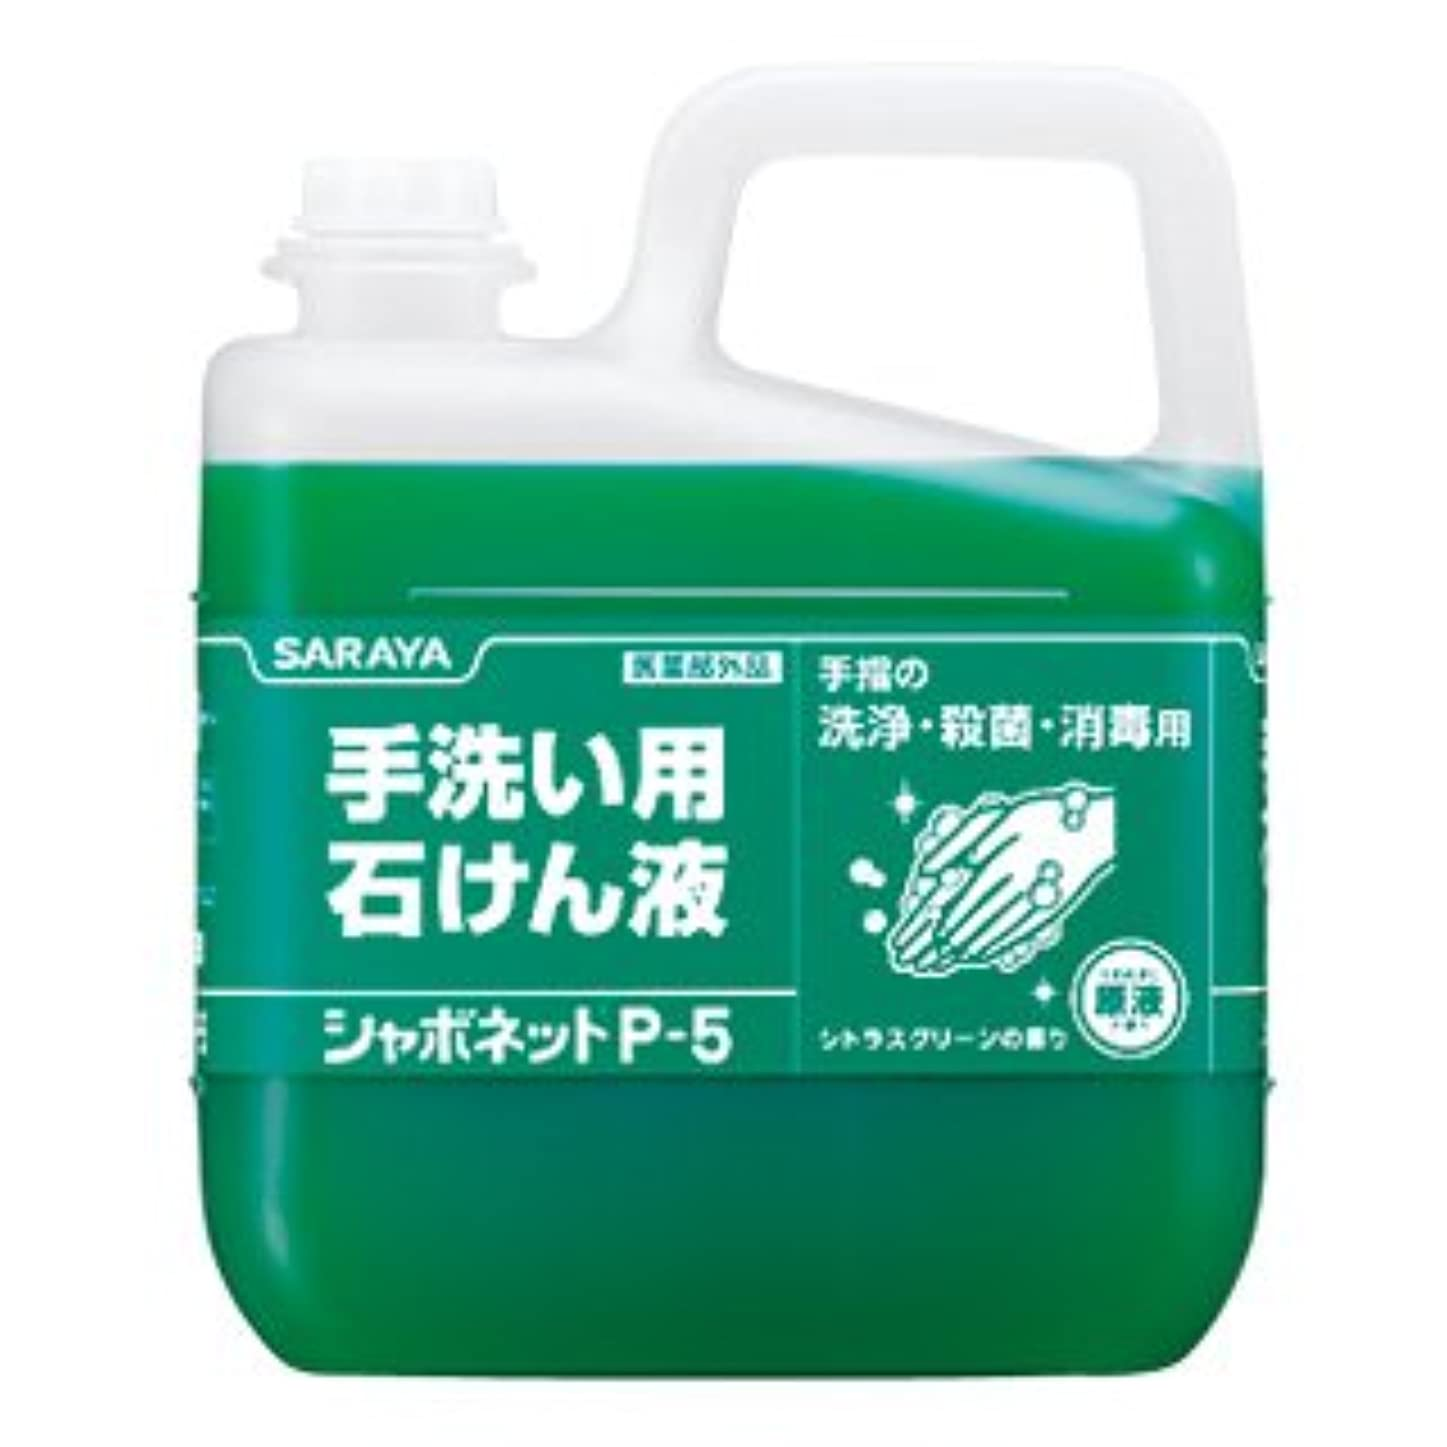 才能のあるエロチック行動サラヤ シャボネット P-5 5kg×3 シトラスグリーンの香り